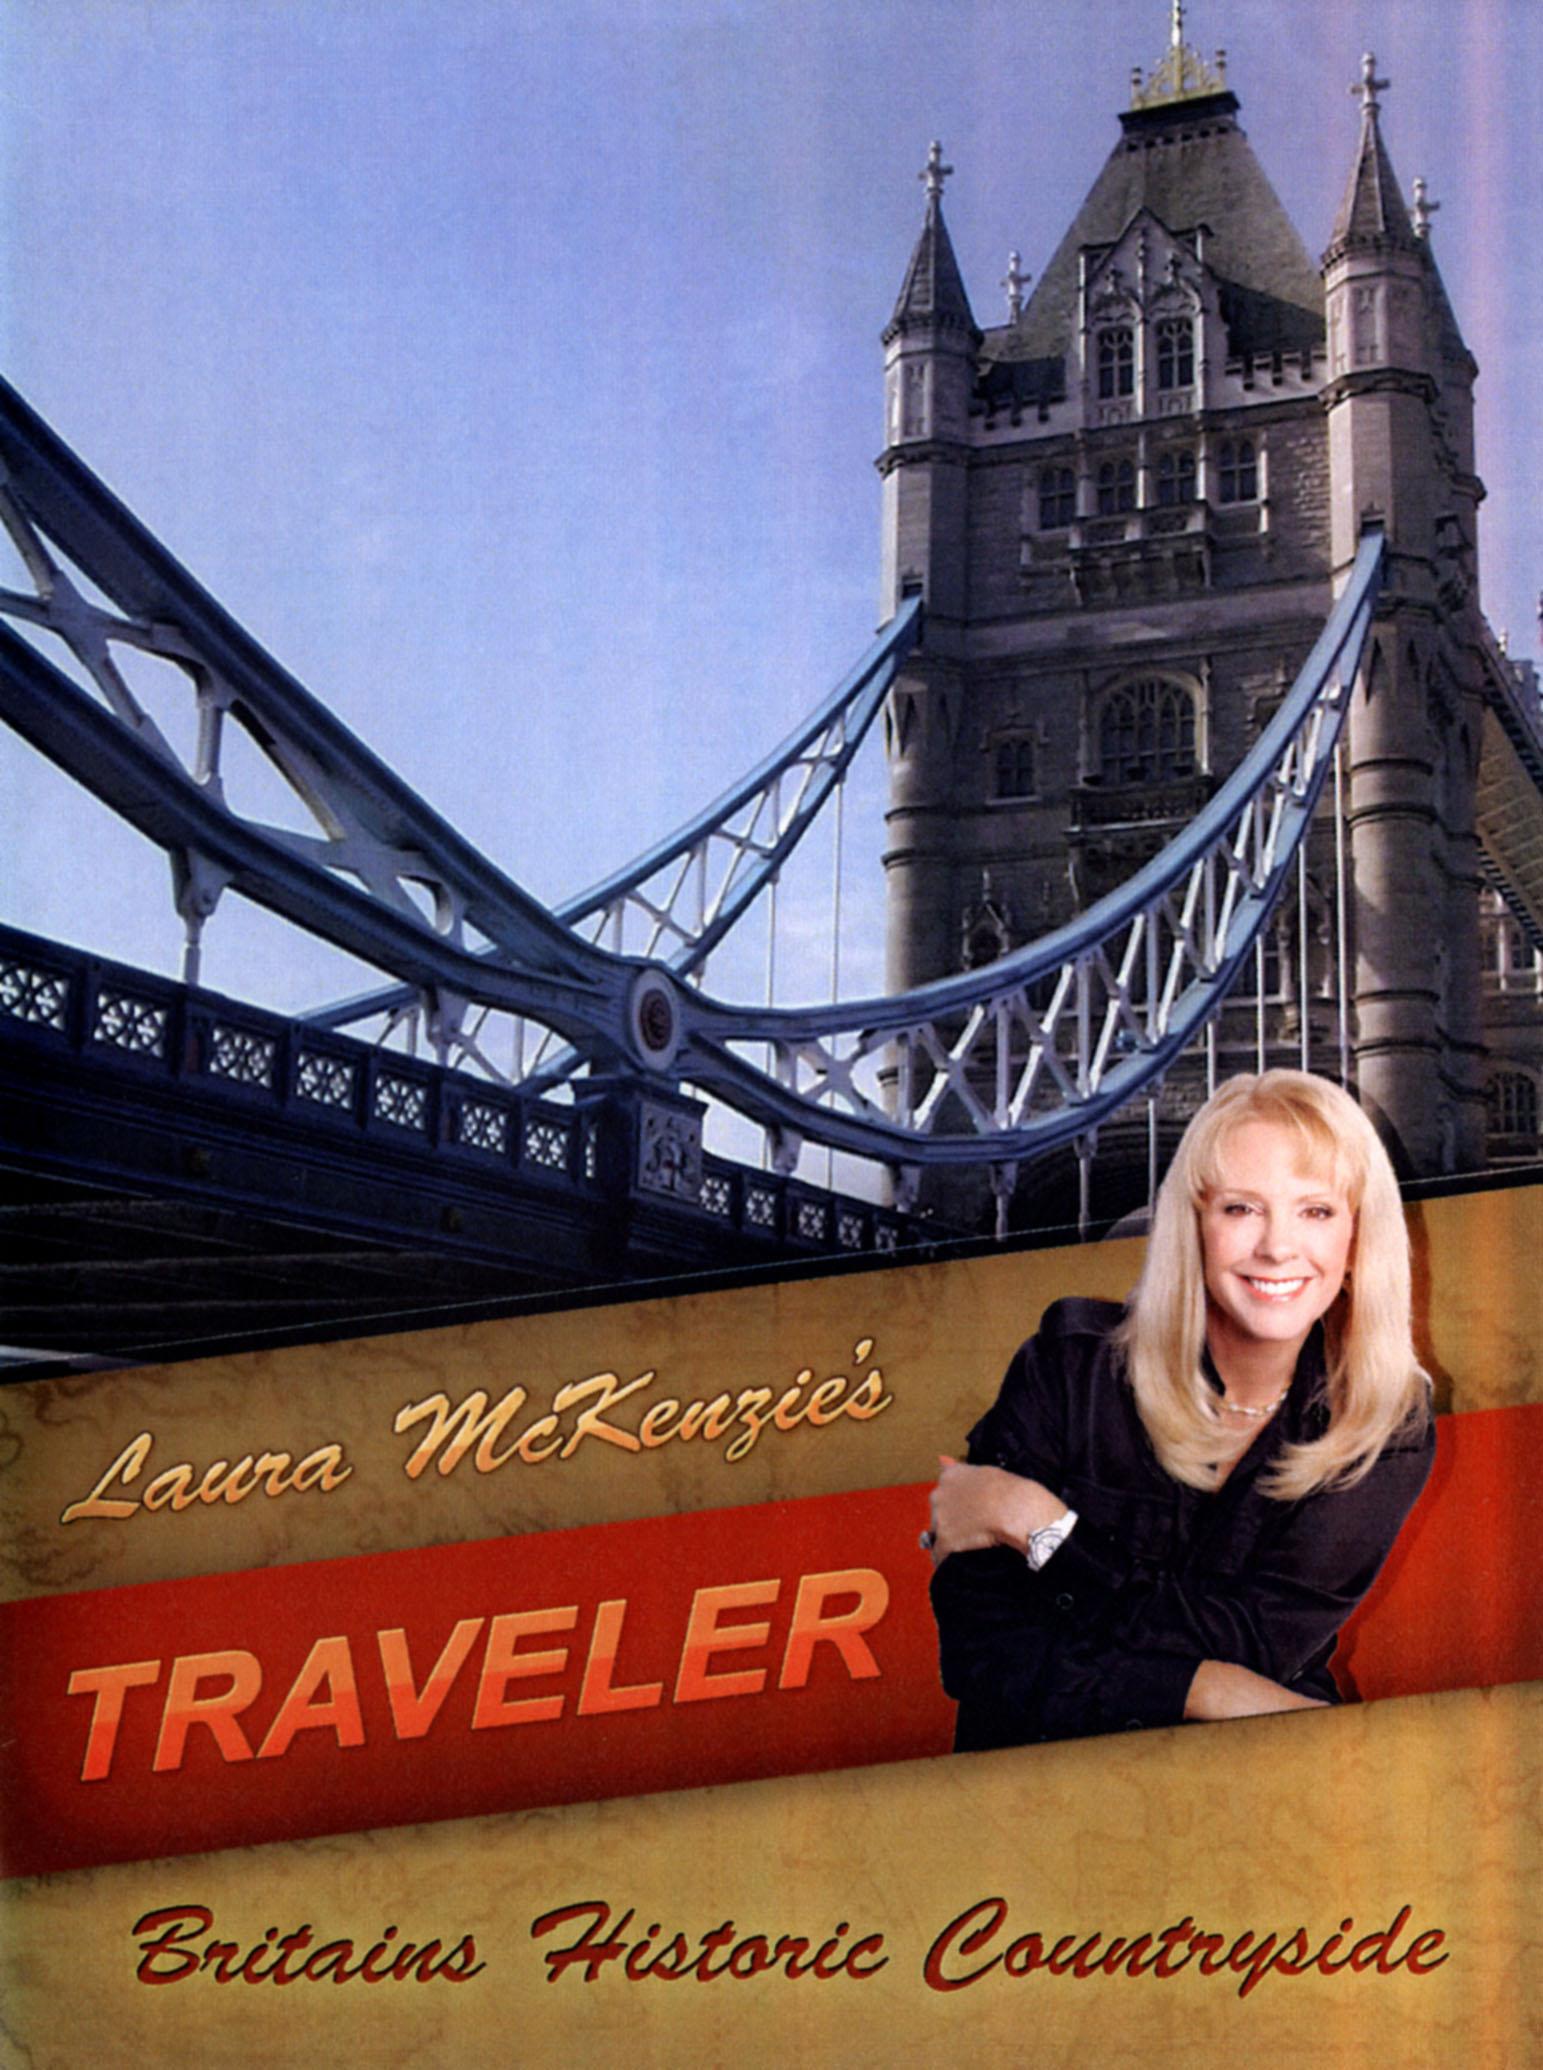 Laura McKenzie's Traveler: Britain's Historic Countryside